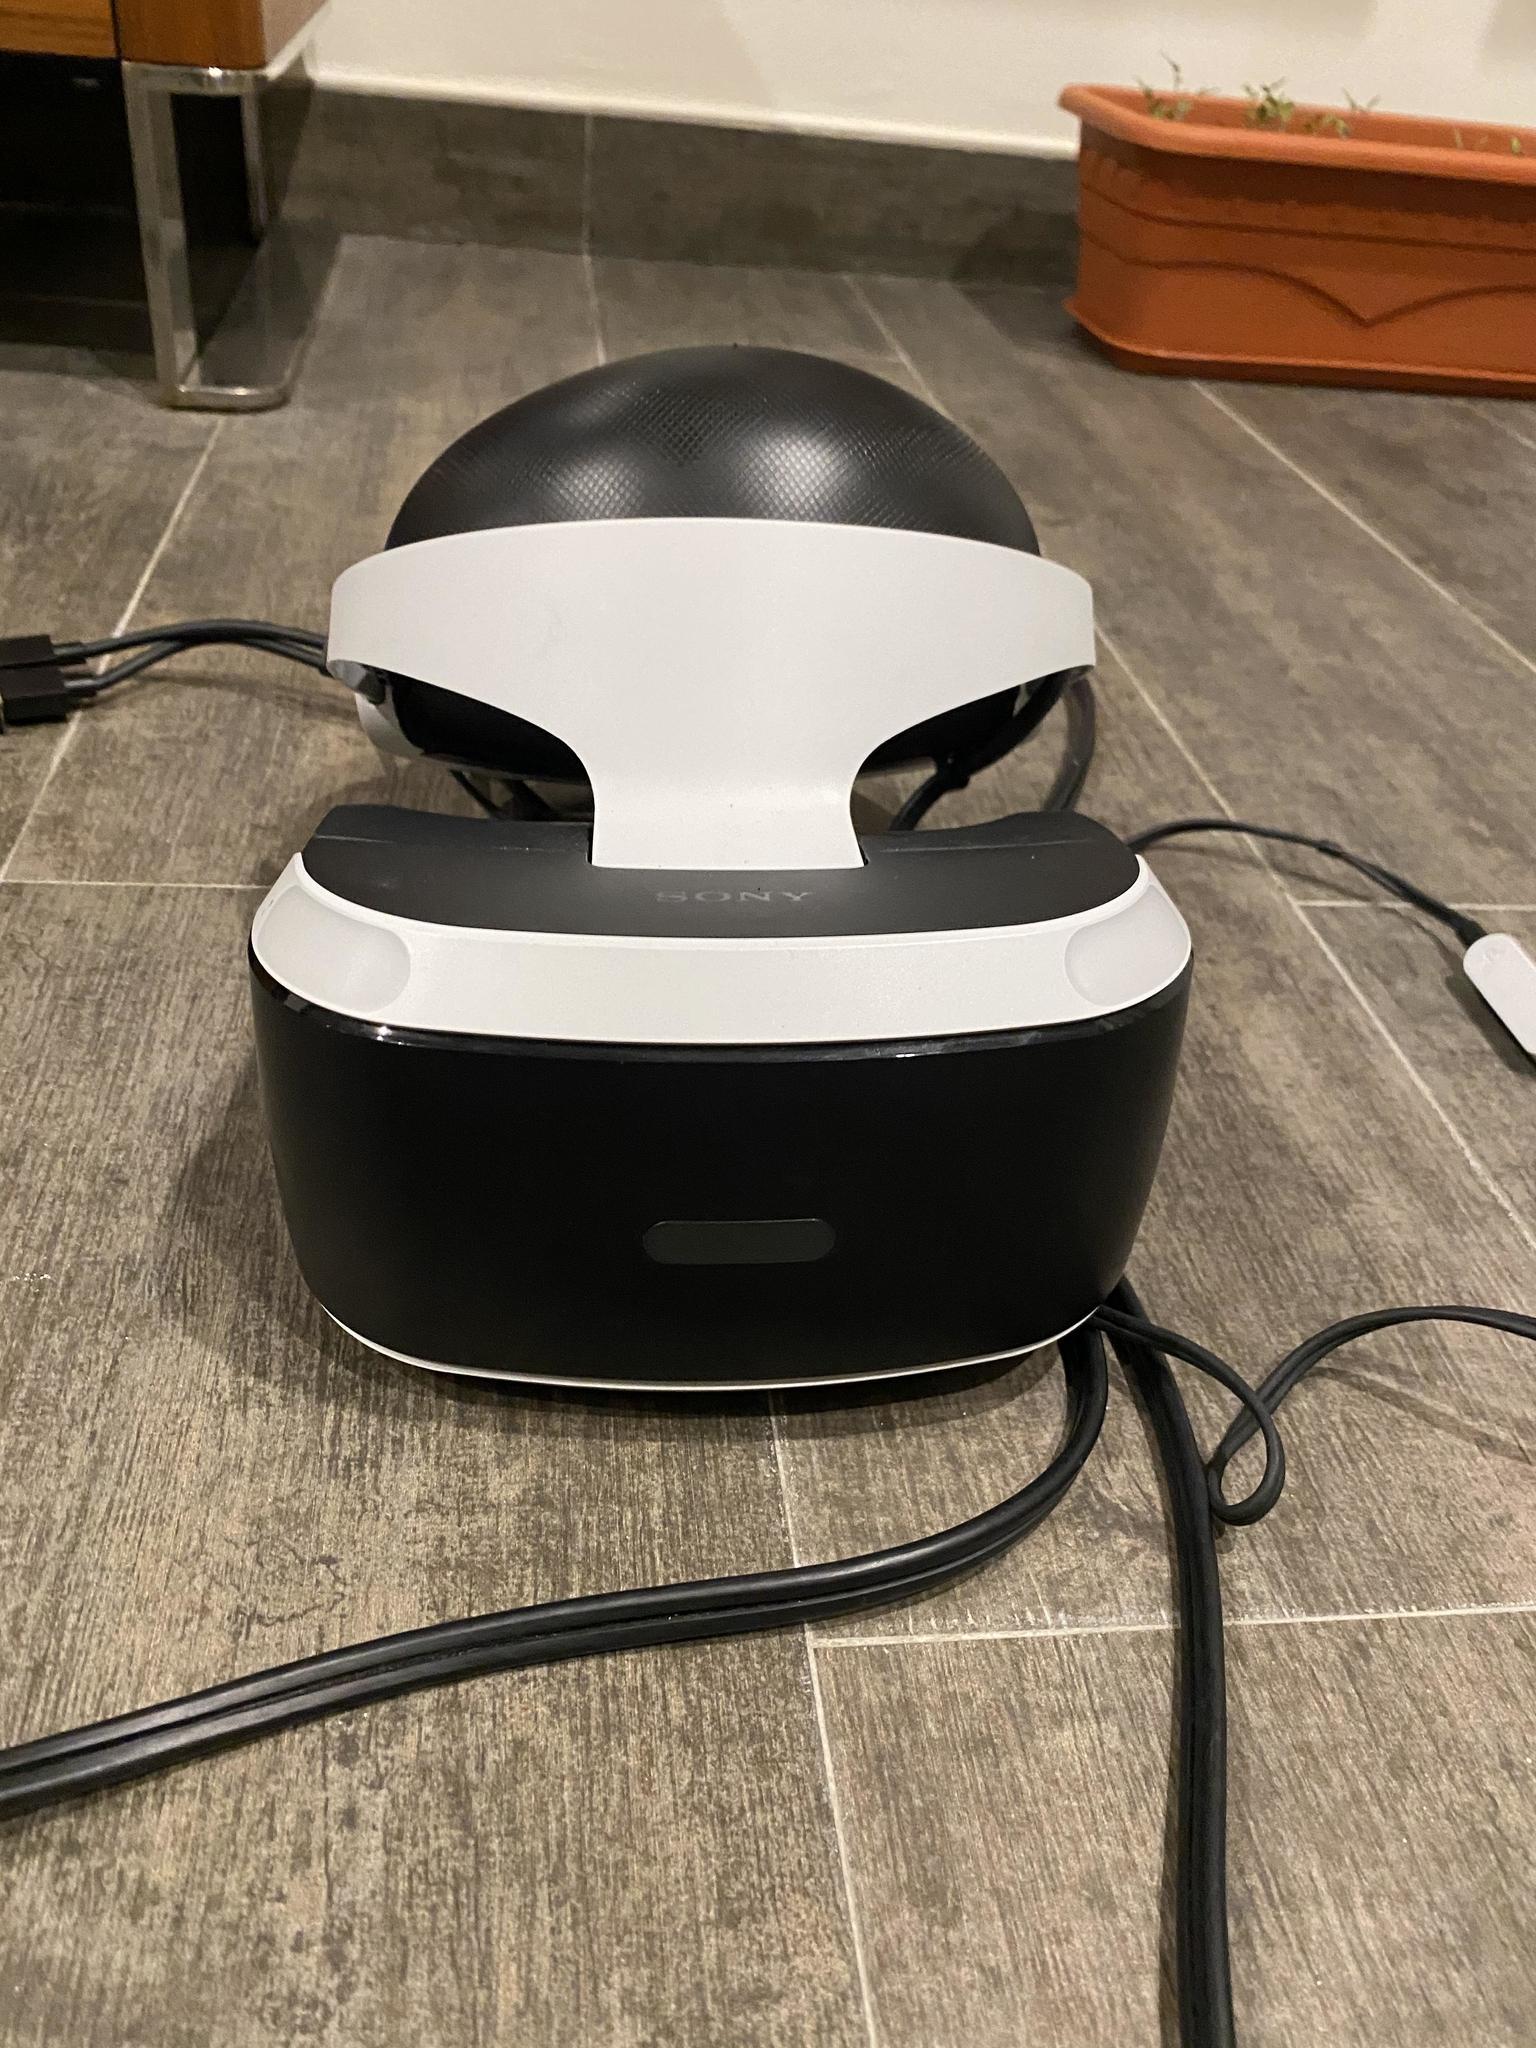 Playstation vr virtual reality ps4